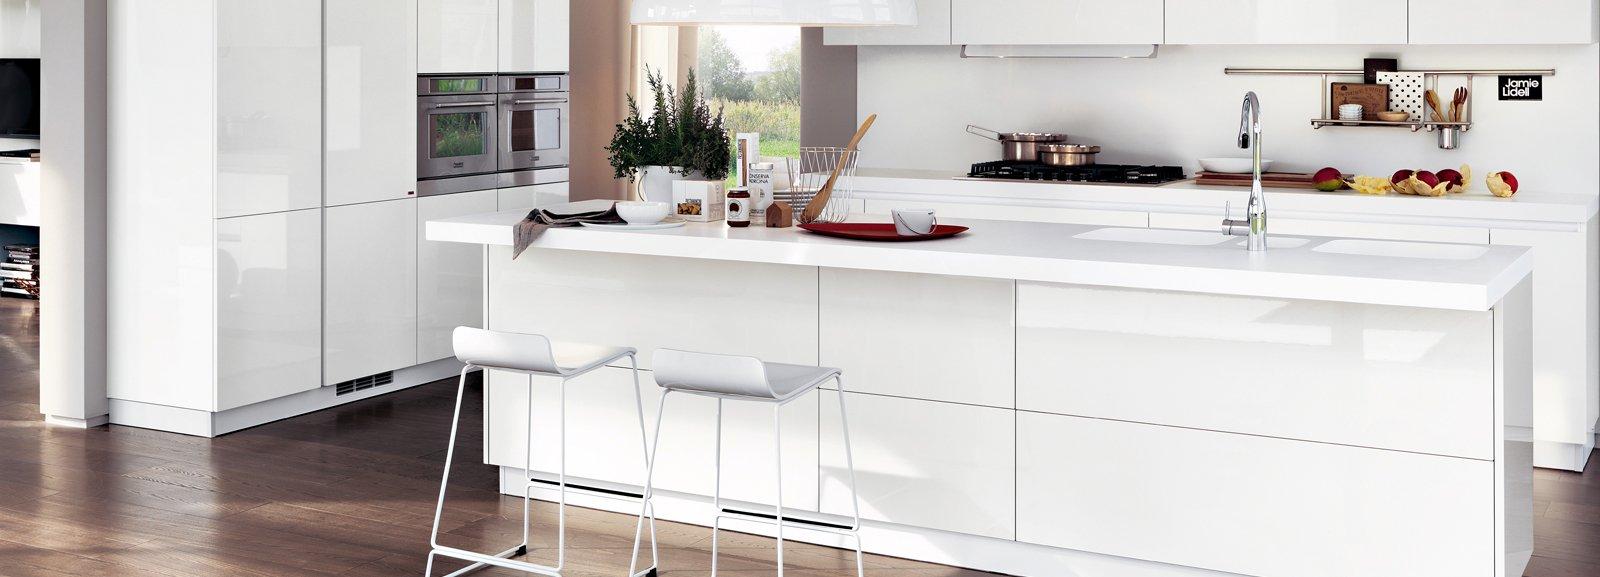 Cucina la voglio tutta bianca cose di casa for Cucine bianche classiche prezzi